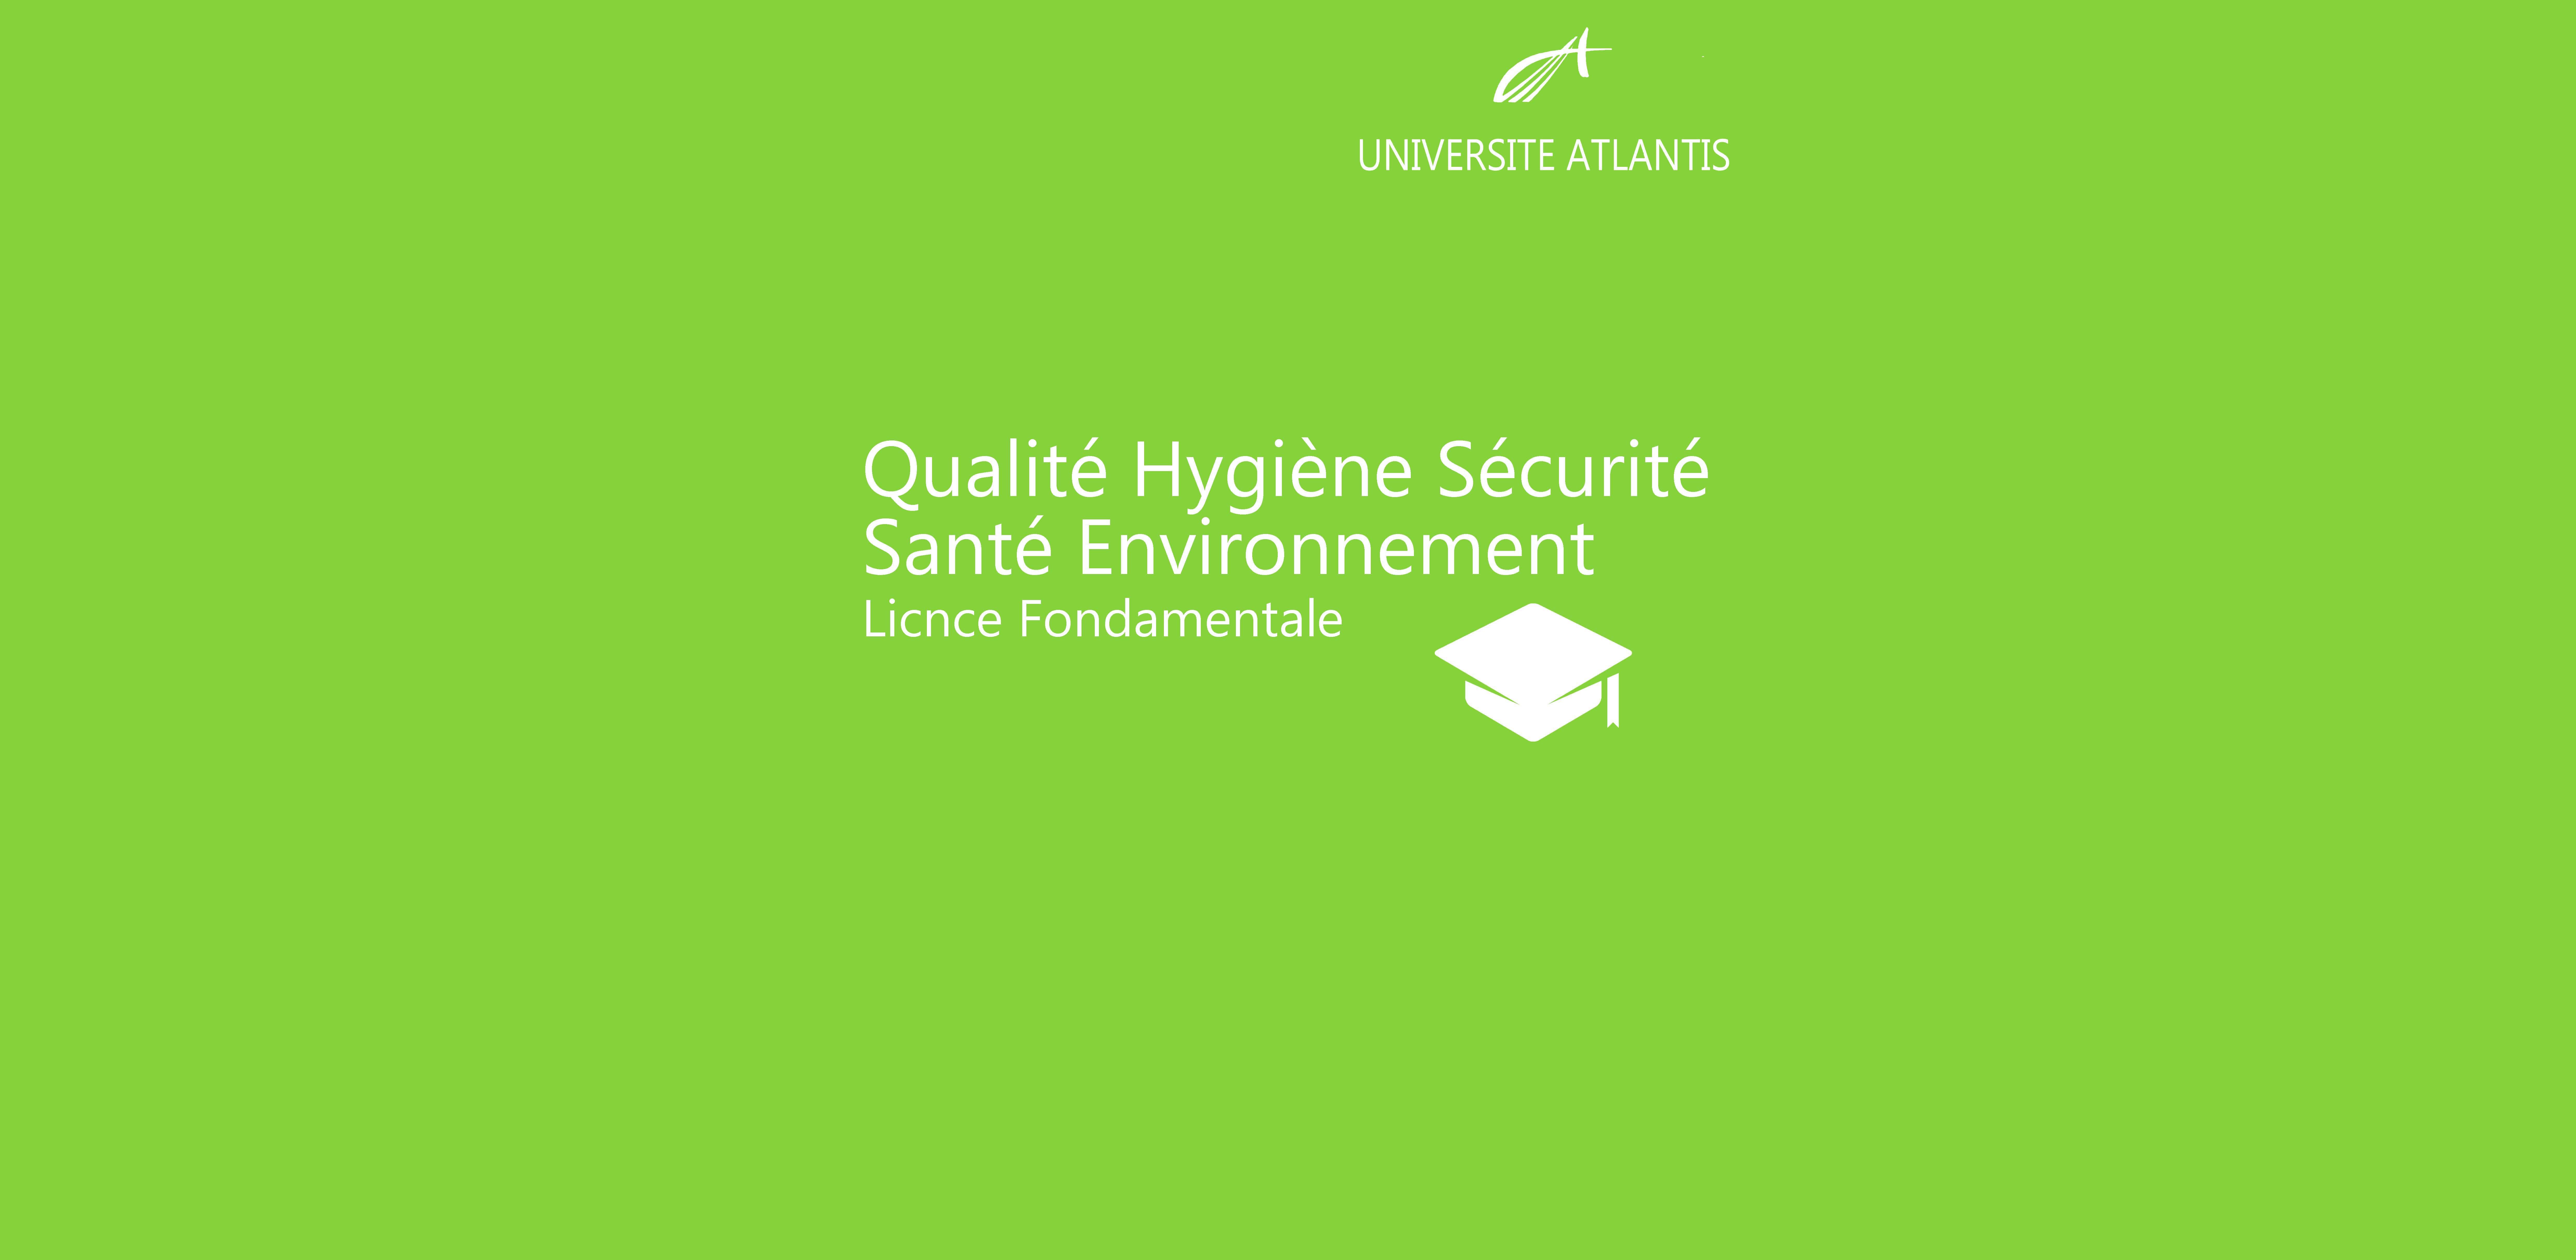 Qualité Hygiène Sécurité Santé Environnement